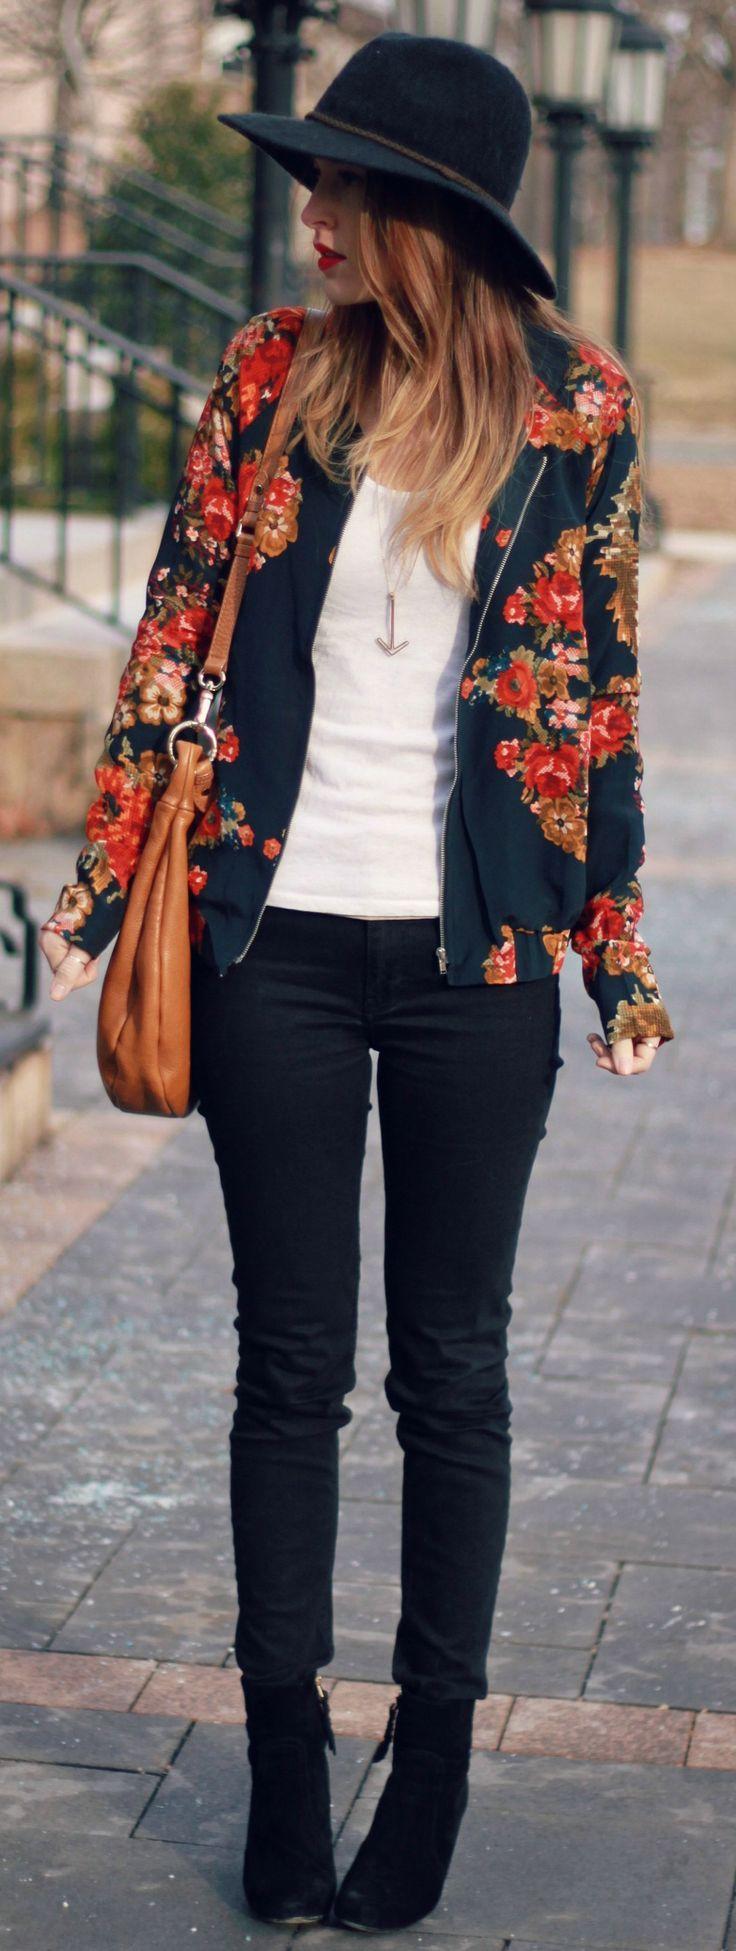 Bloom Silk Black Floral Print Jacket.